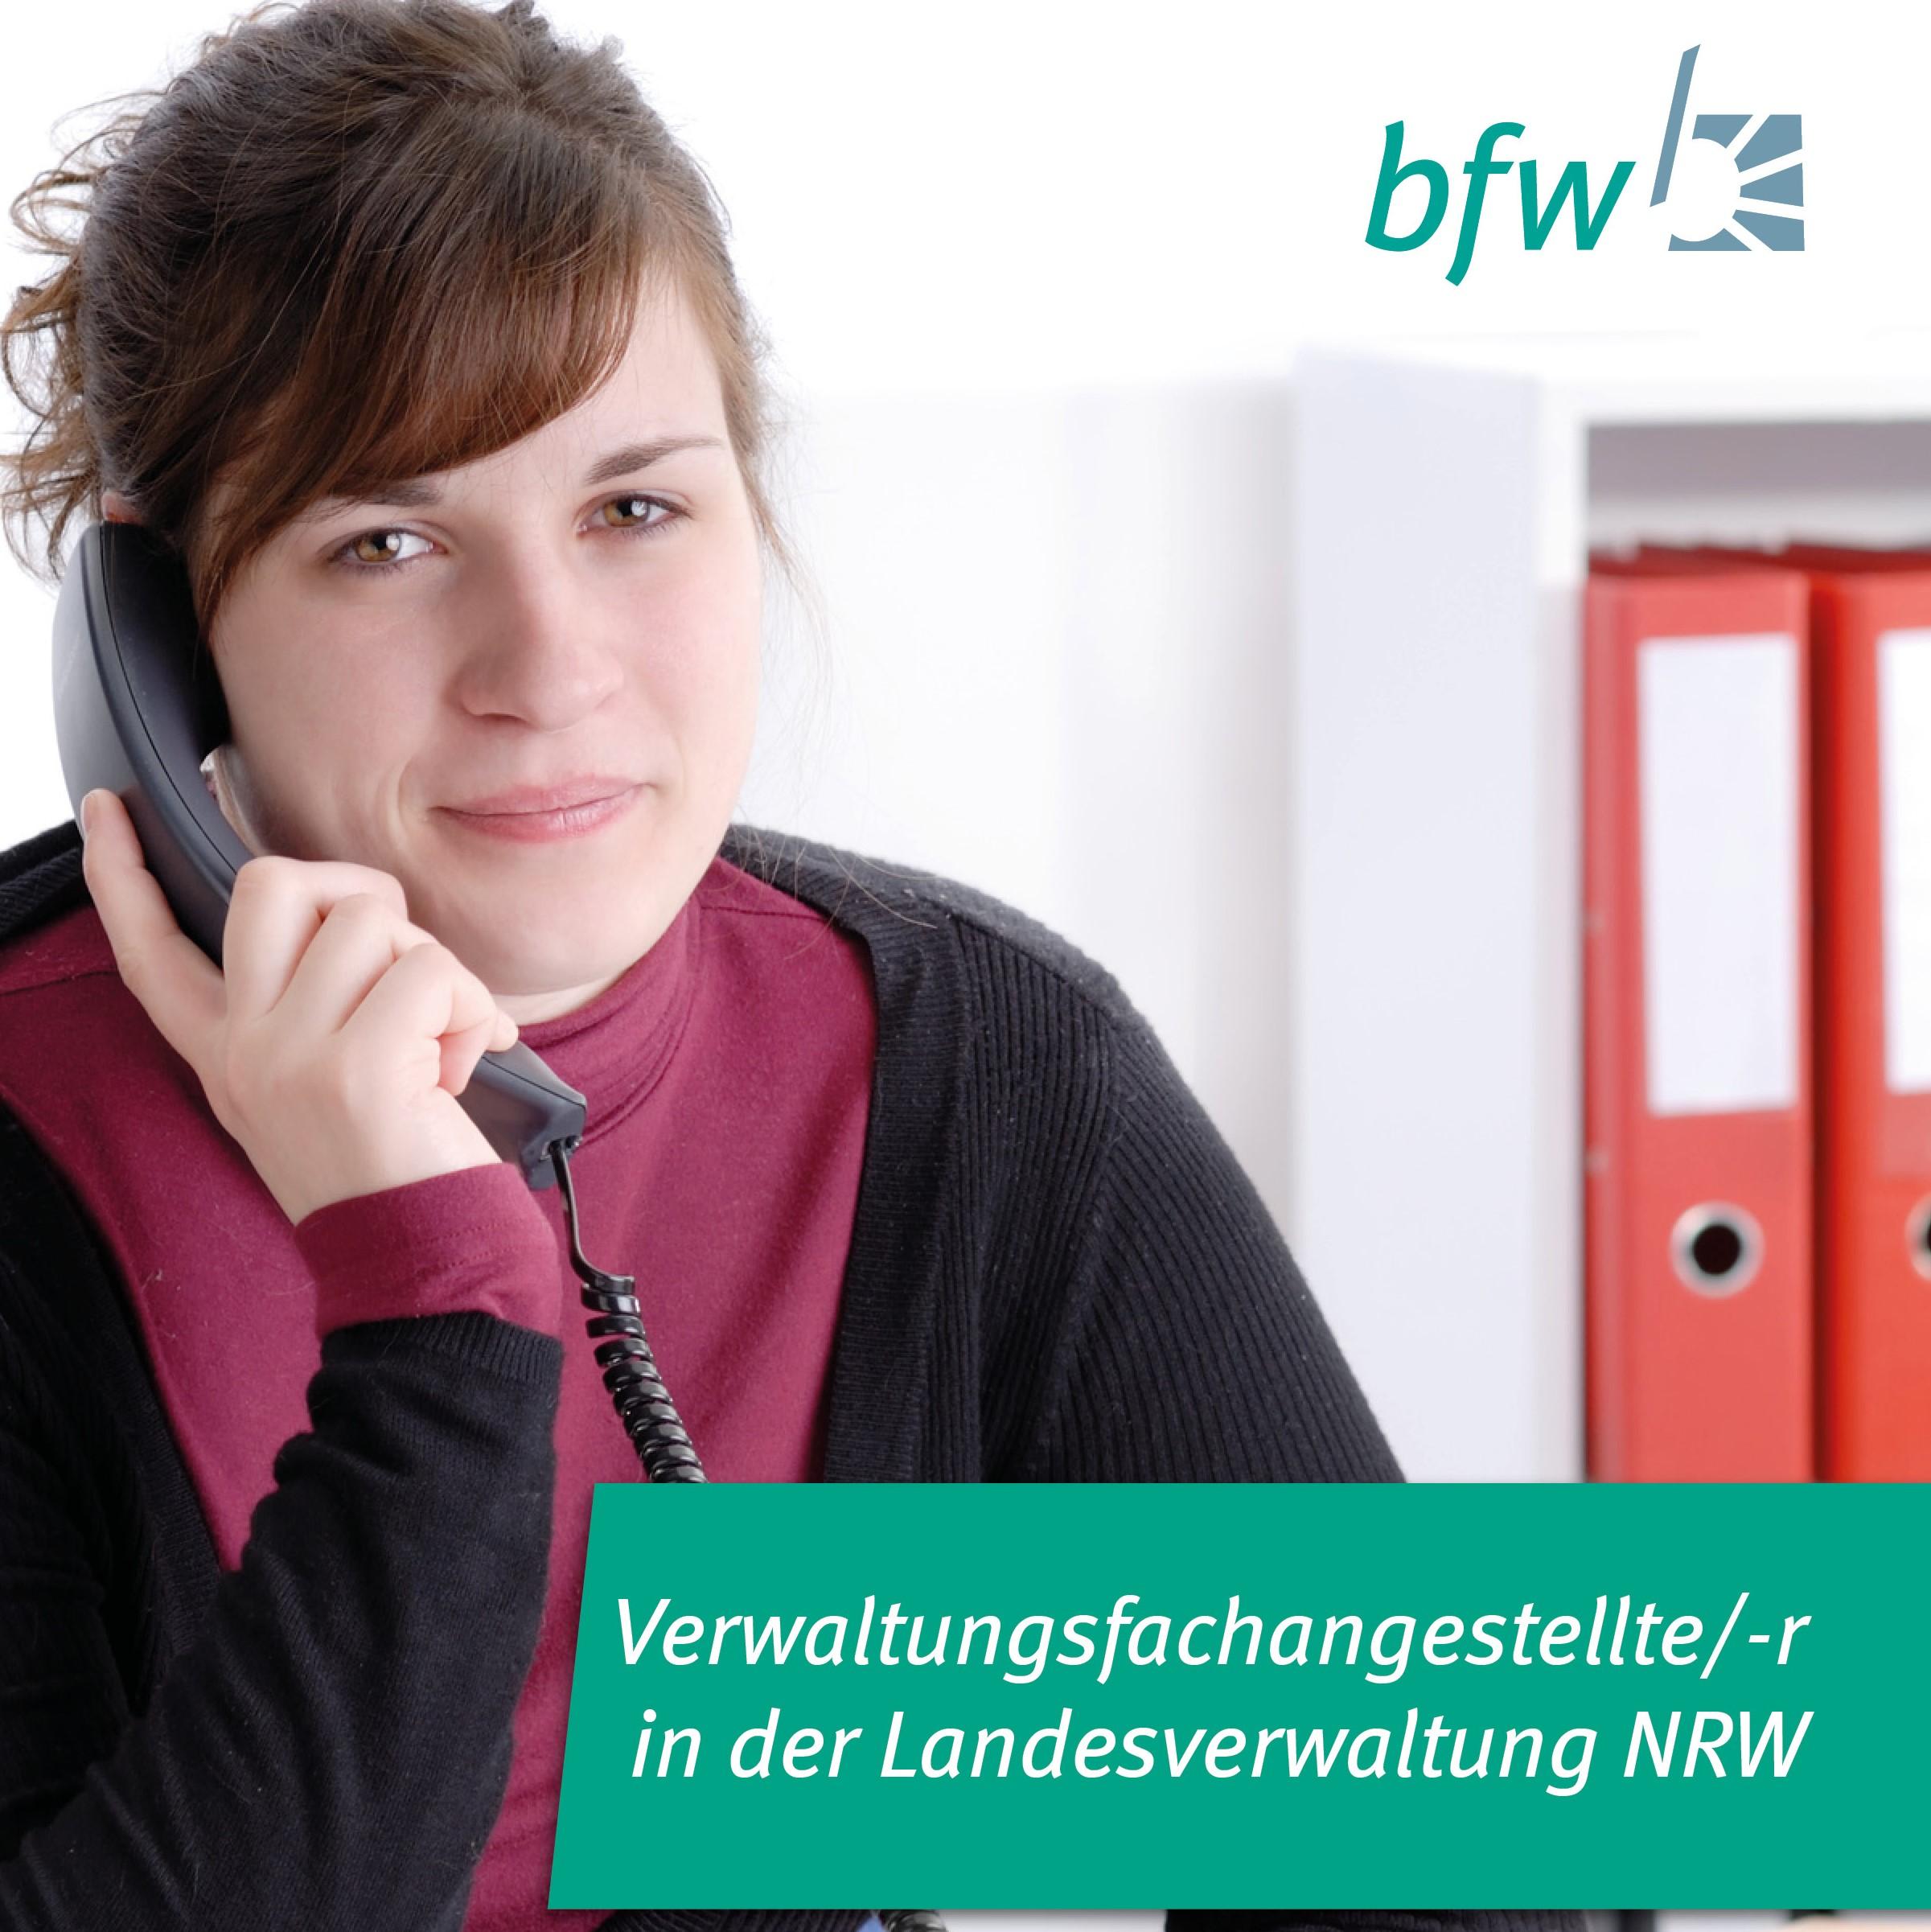 Verwaltungs-fachangestellte/-r (Landesverwaltung NRW) Image